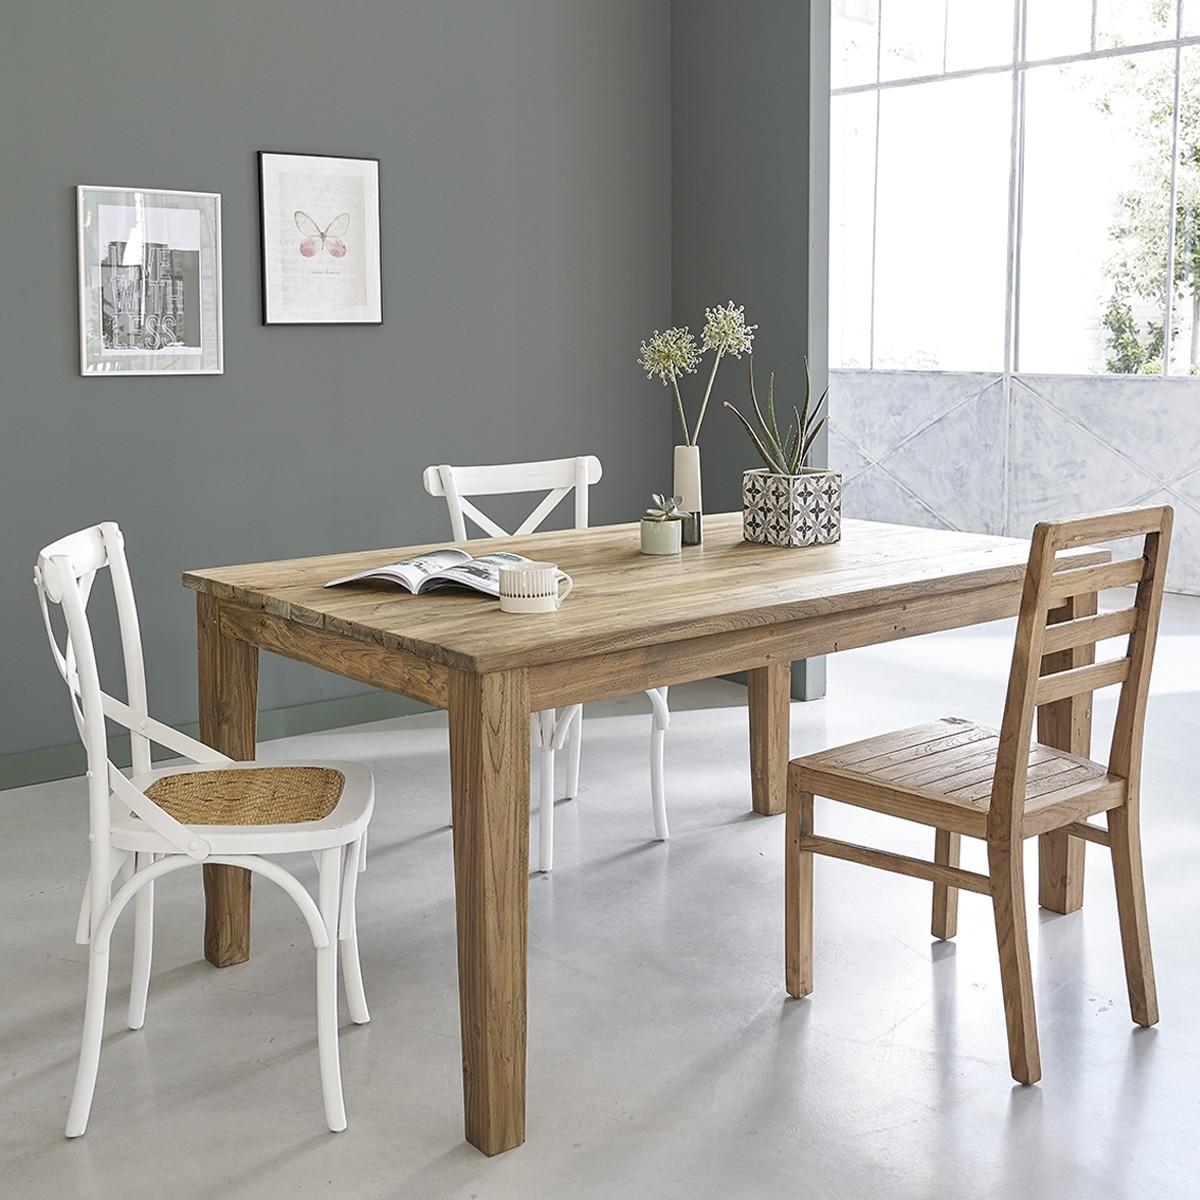 Table en bois de teck recycl avec rallonges cargo 160 250 - Table salle a manger teck ...